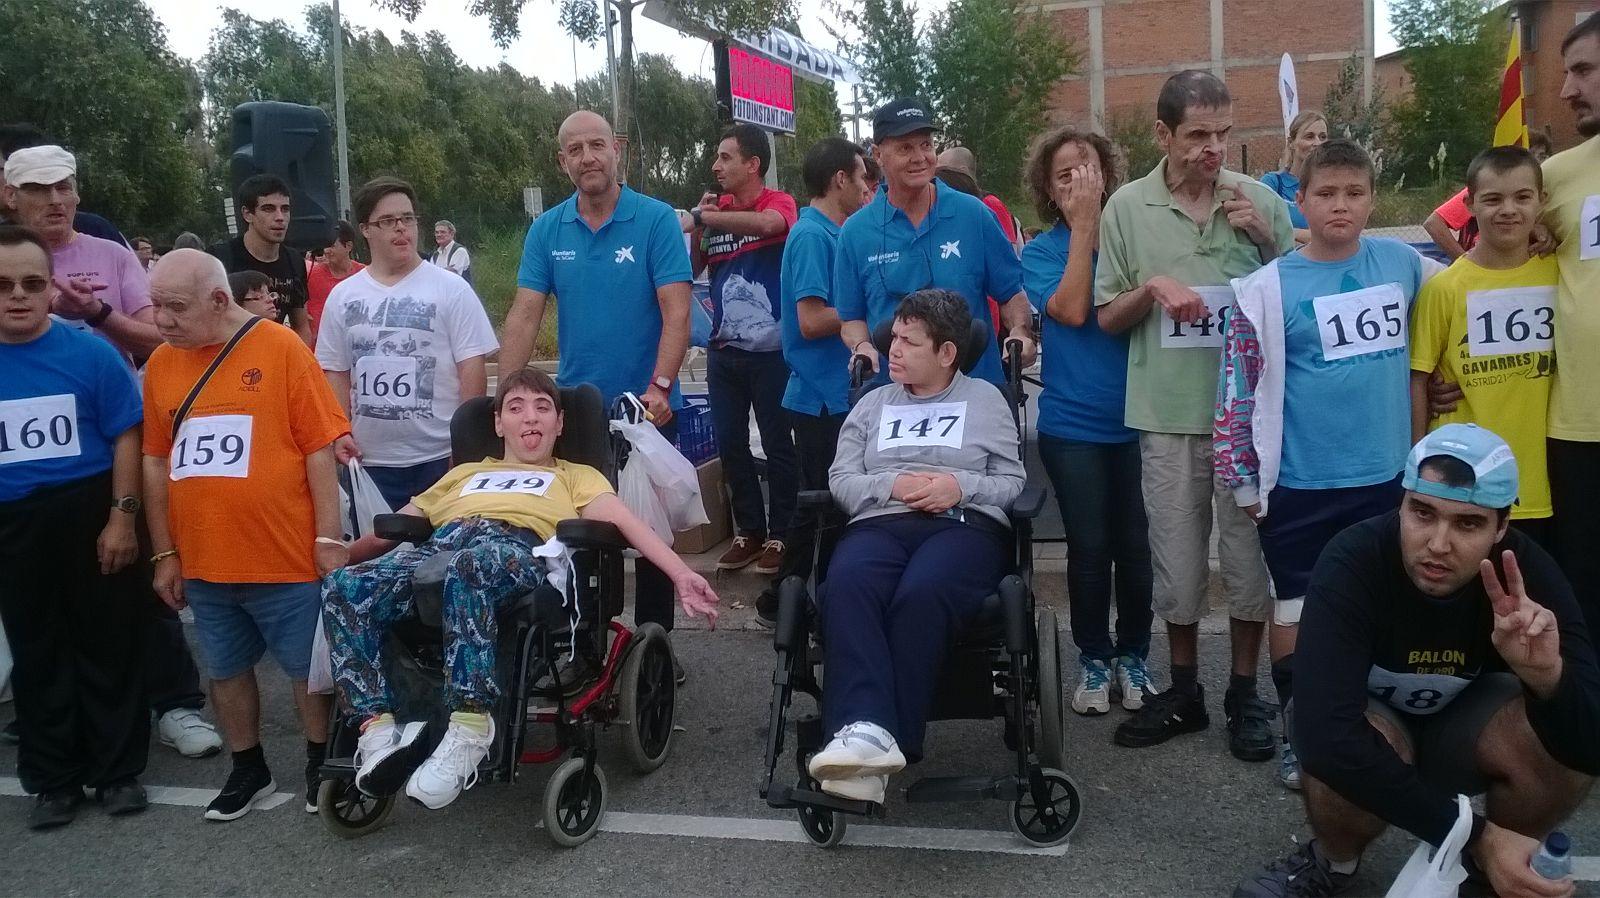 Participació el dissabte 26 de setembre a la Milla Solidària a Banyoles